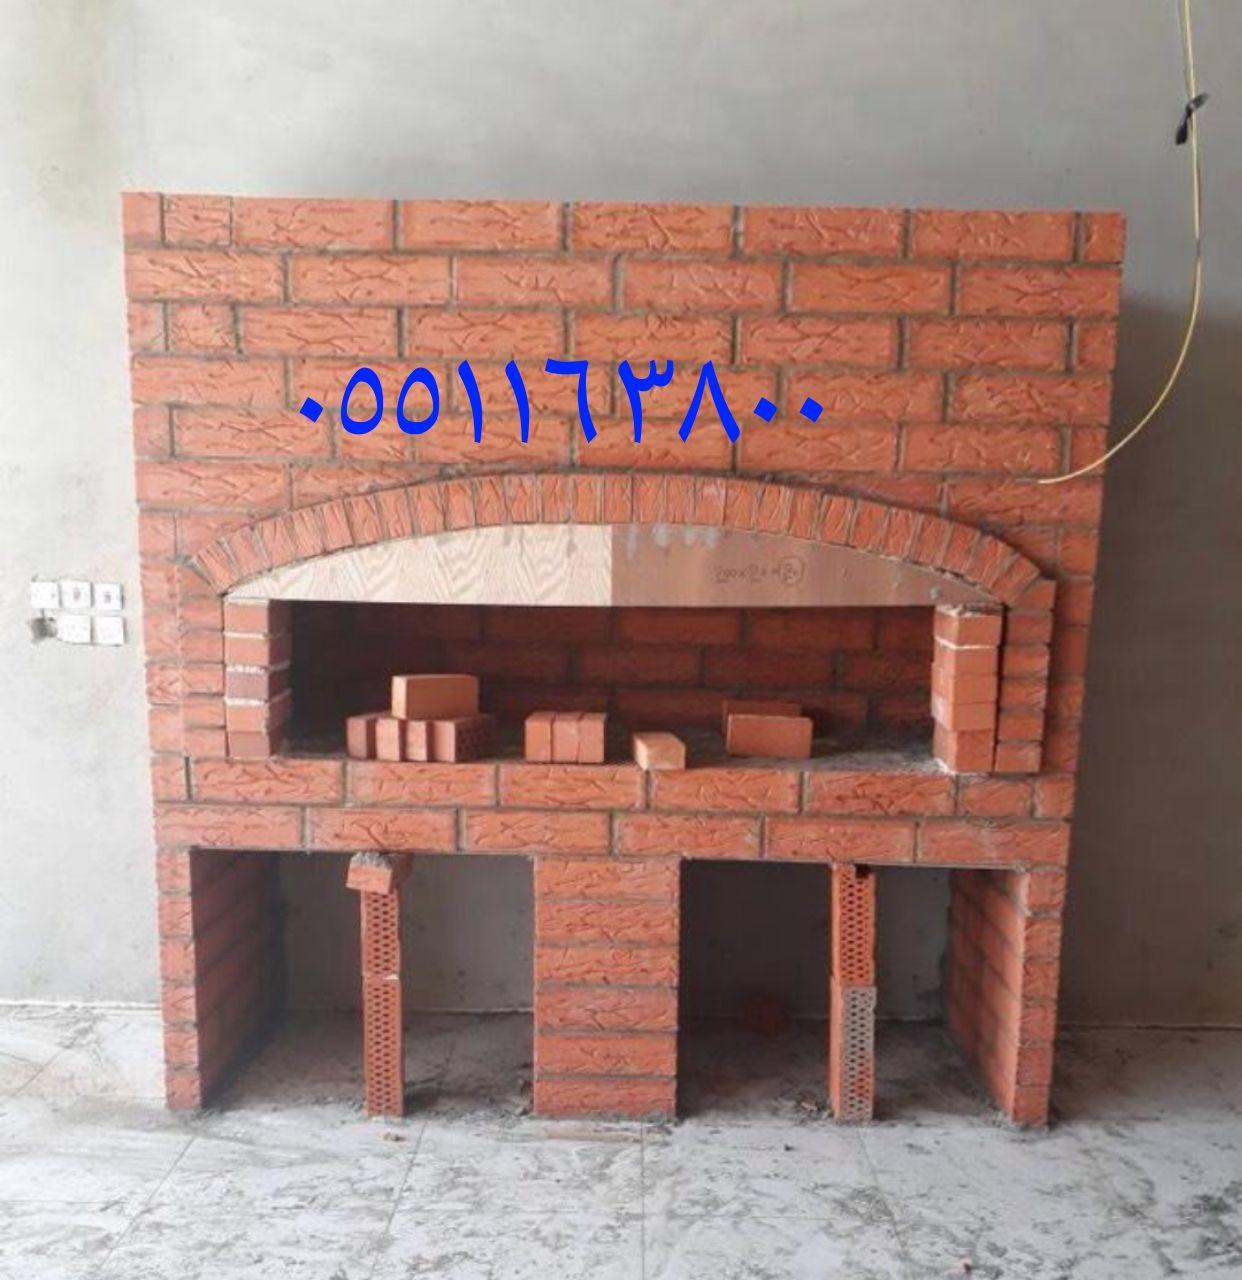 شوايات حدائق منزلية شوايات للبيع شوايات فحم طوب شوايات فحم للمطاعم شوايات فحم كهربائيه My House Plans Woodworking Decor